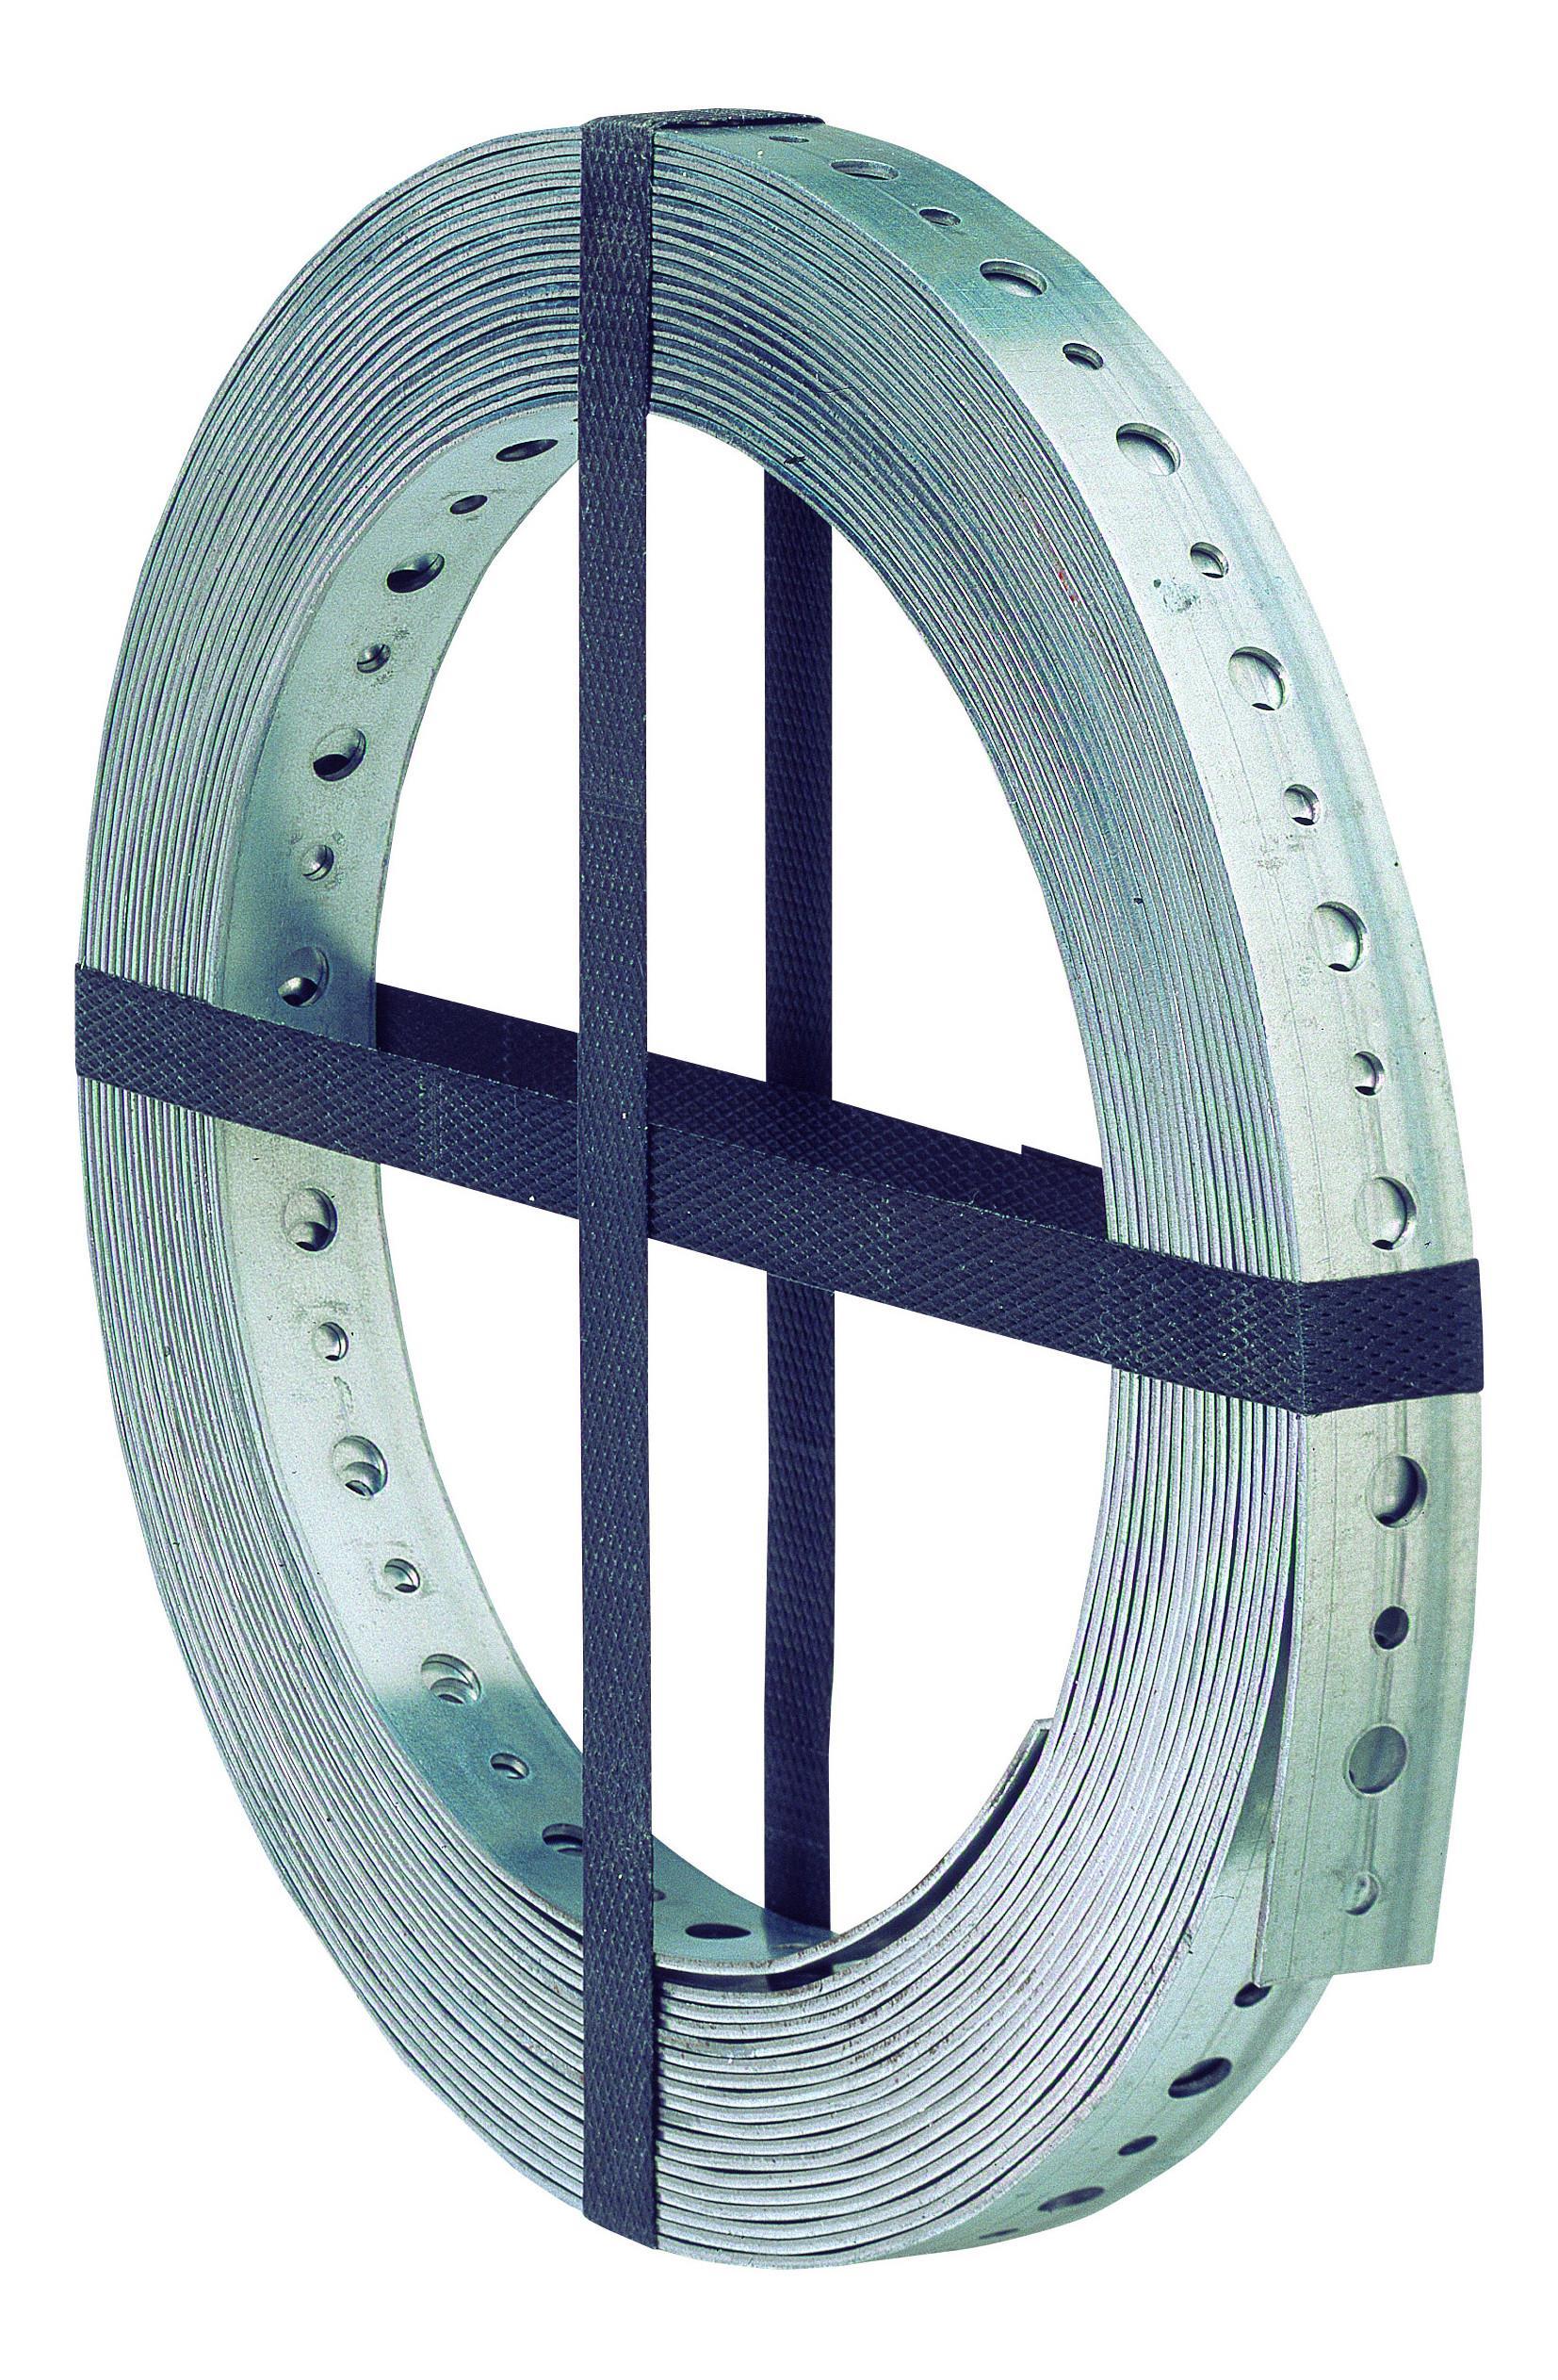 Joma 5125250 Hålband CE-EN14545 2 x 25 x 25 mm 5 mm hål-Ø